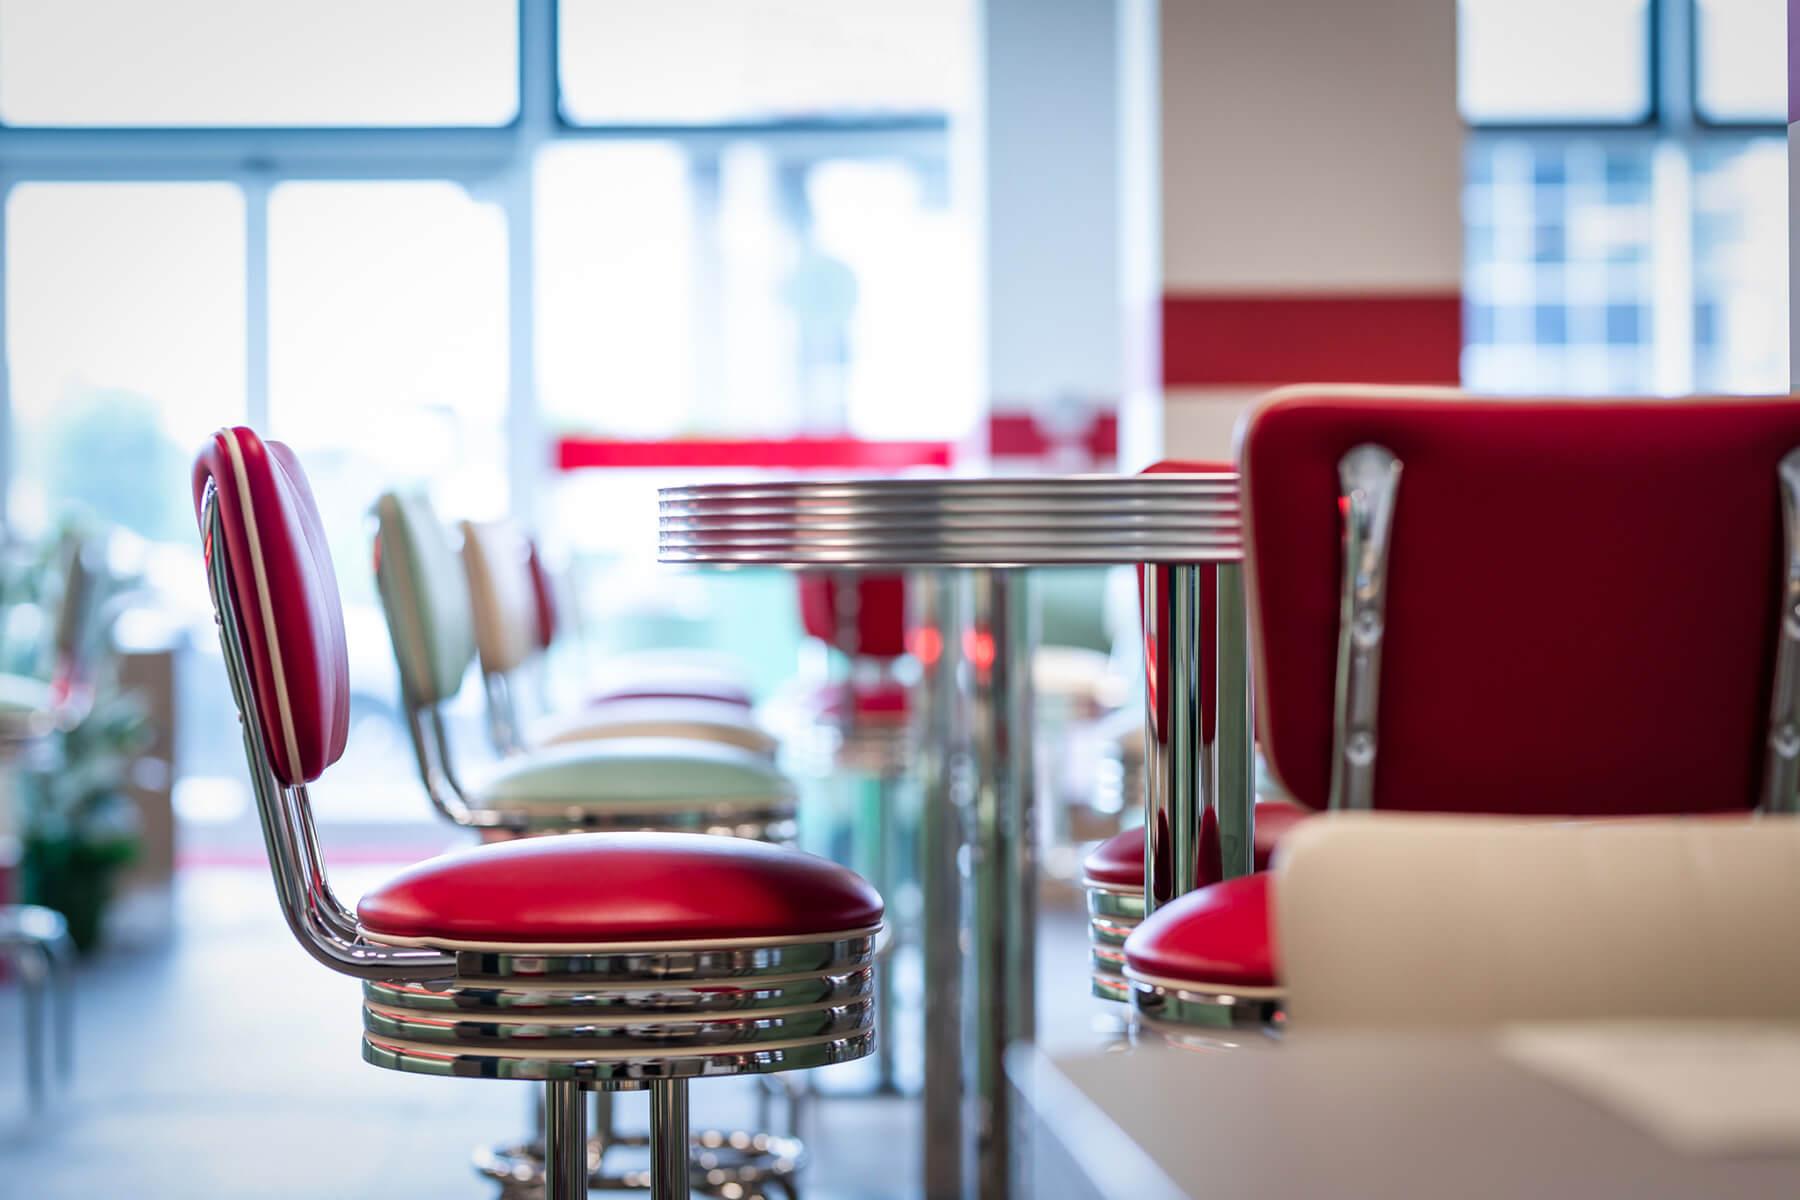 Sgabelli e tavoli in stile anni '50